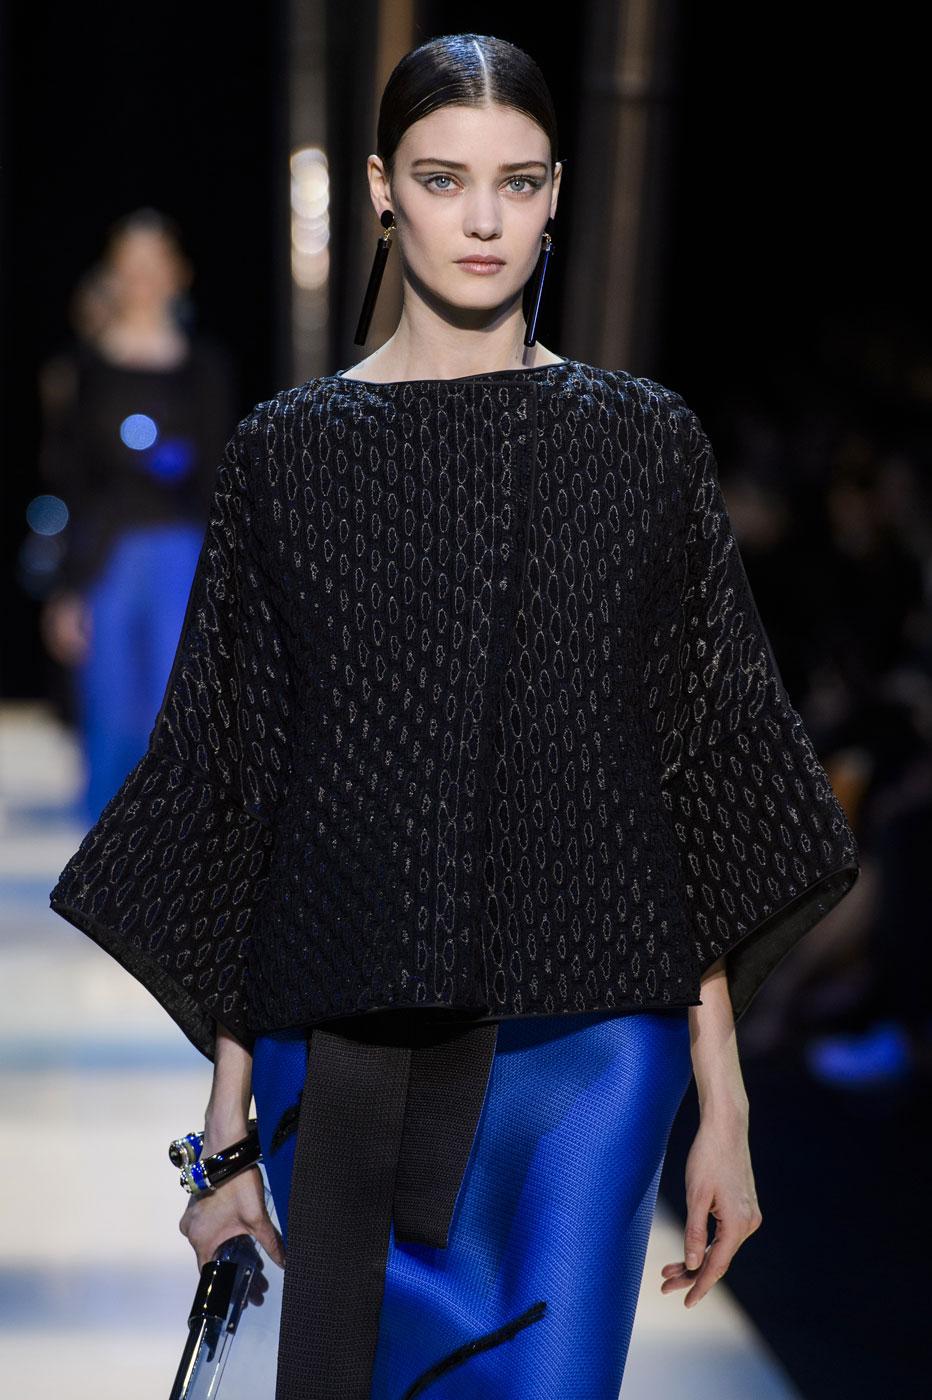 Giorgio-armani-Prive-fashion-runway-show-haute-couture-paris-spring-2015-the-impression-130